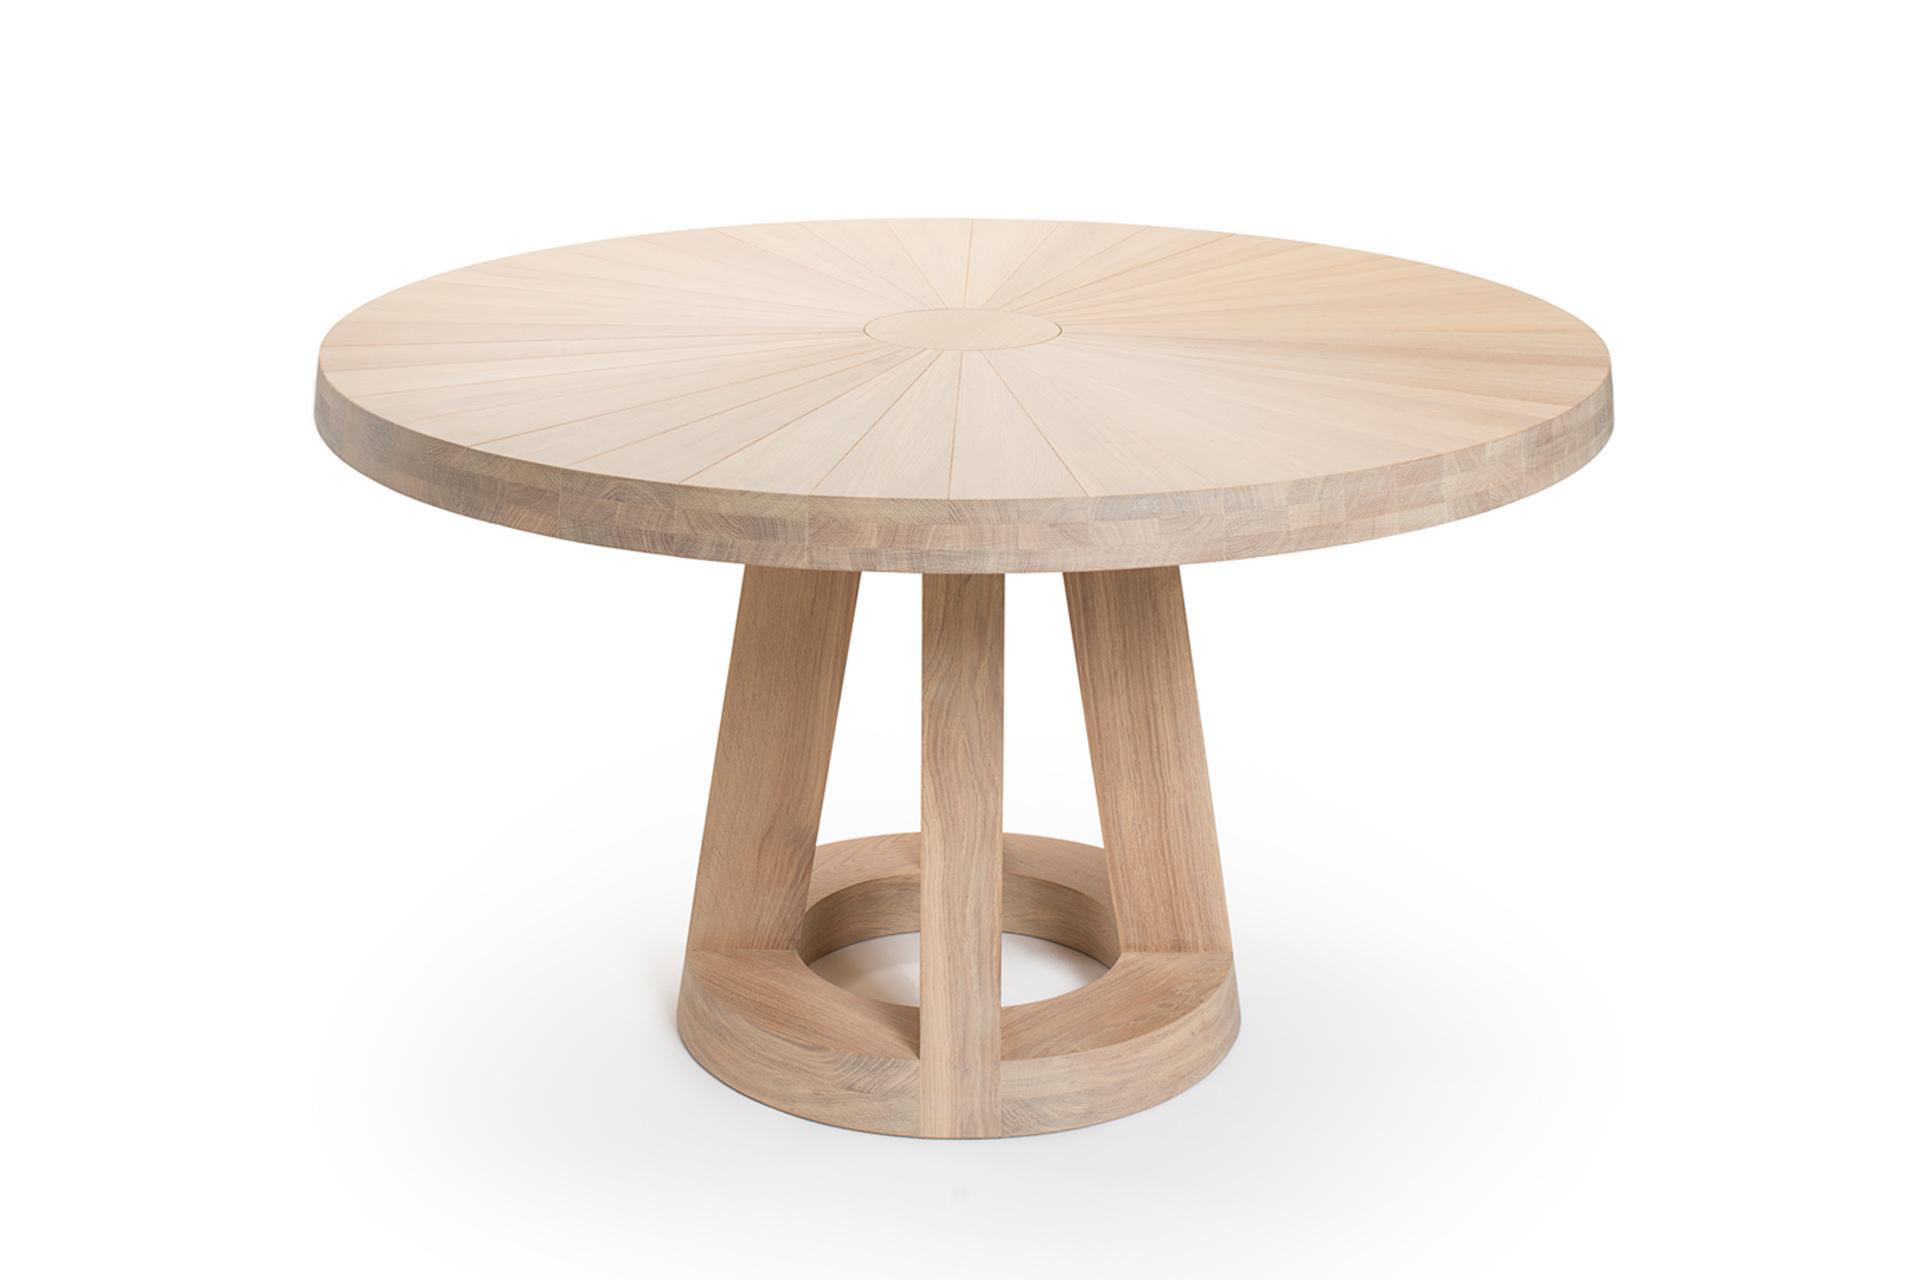 Ronde Eettafel Eijerkamp.Solid Ronde Design Tafel L Remy Meijers L Odesi Your Dutch Design